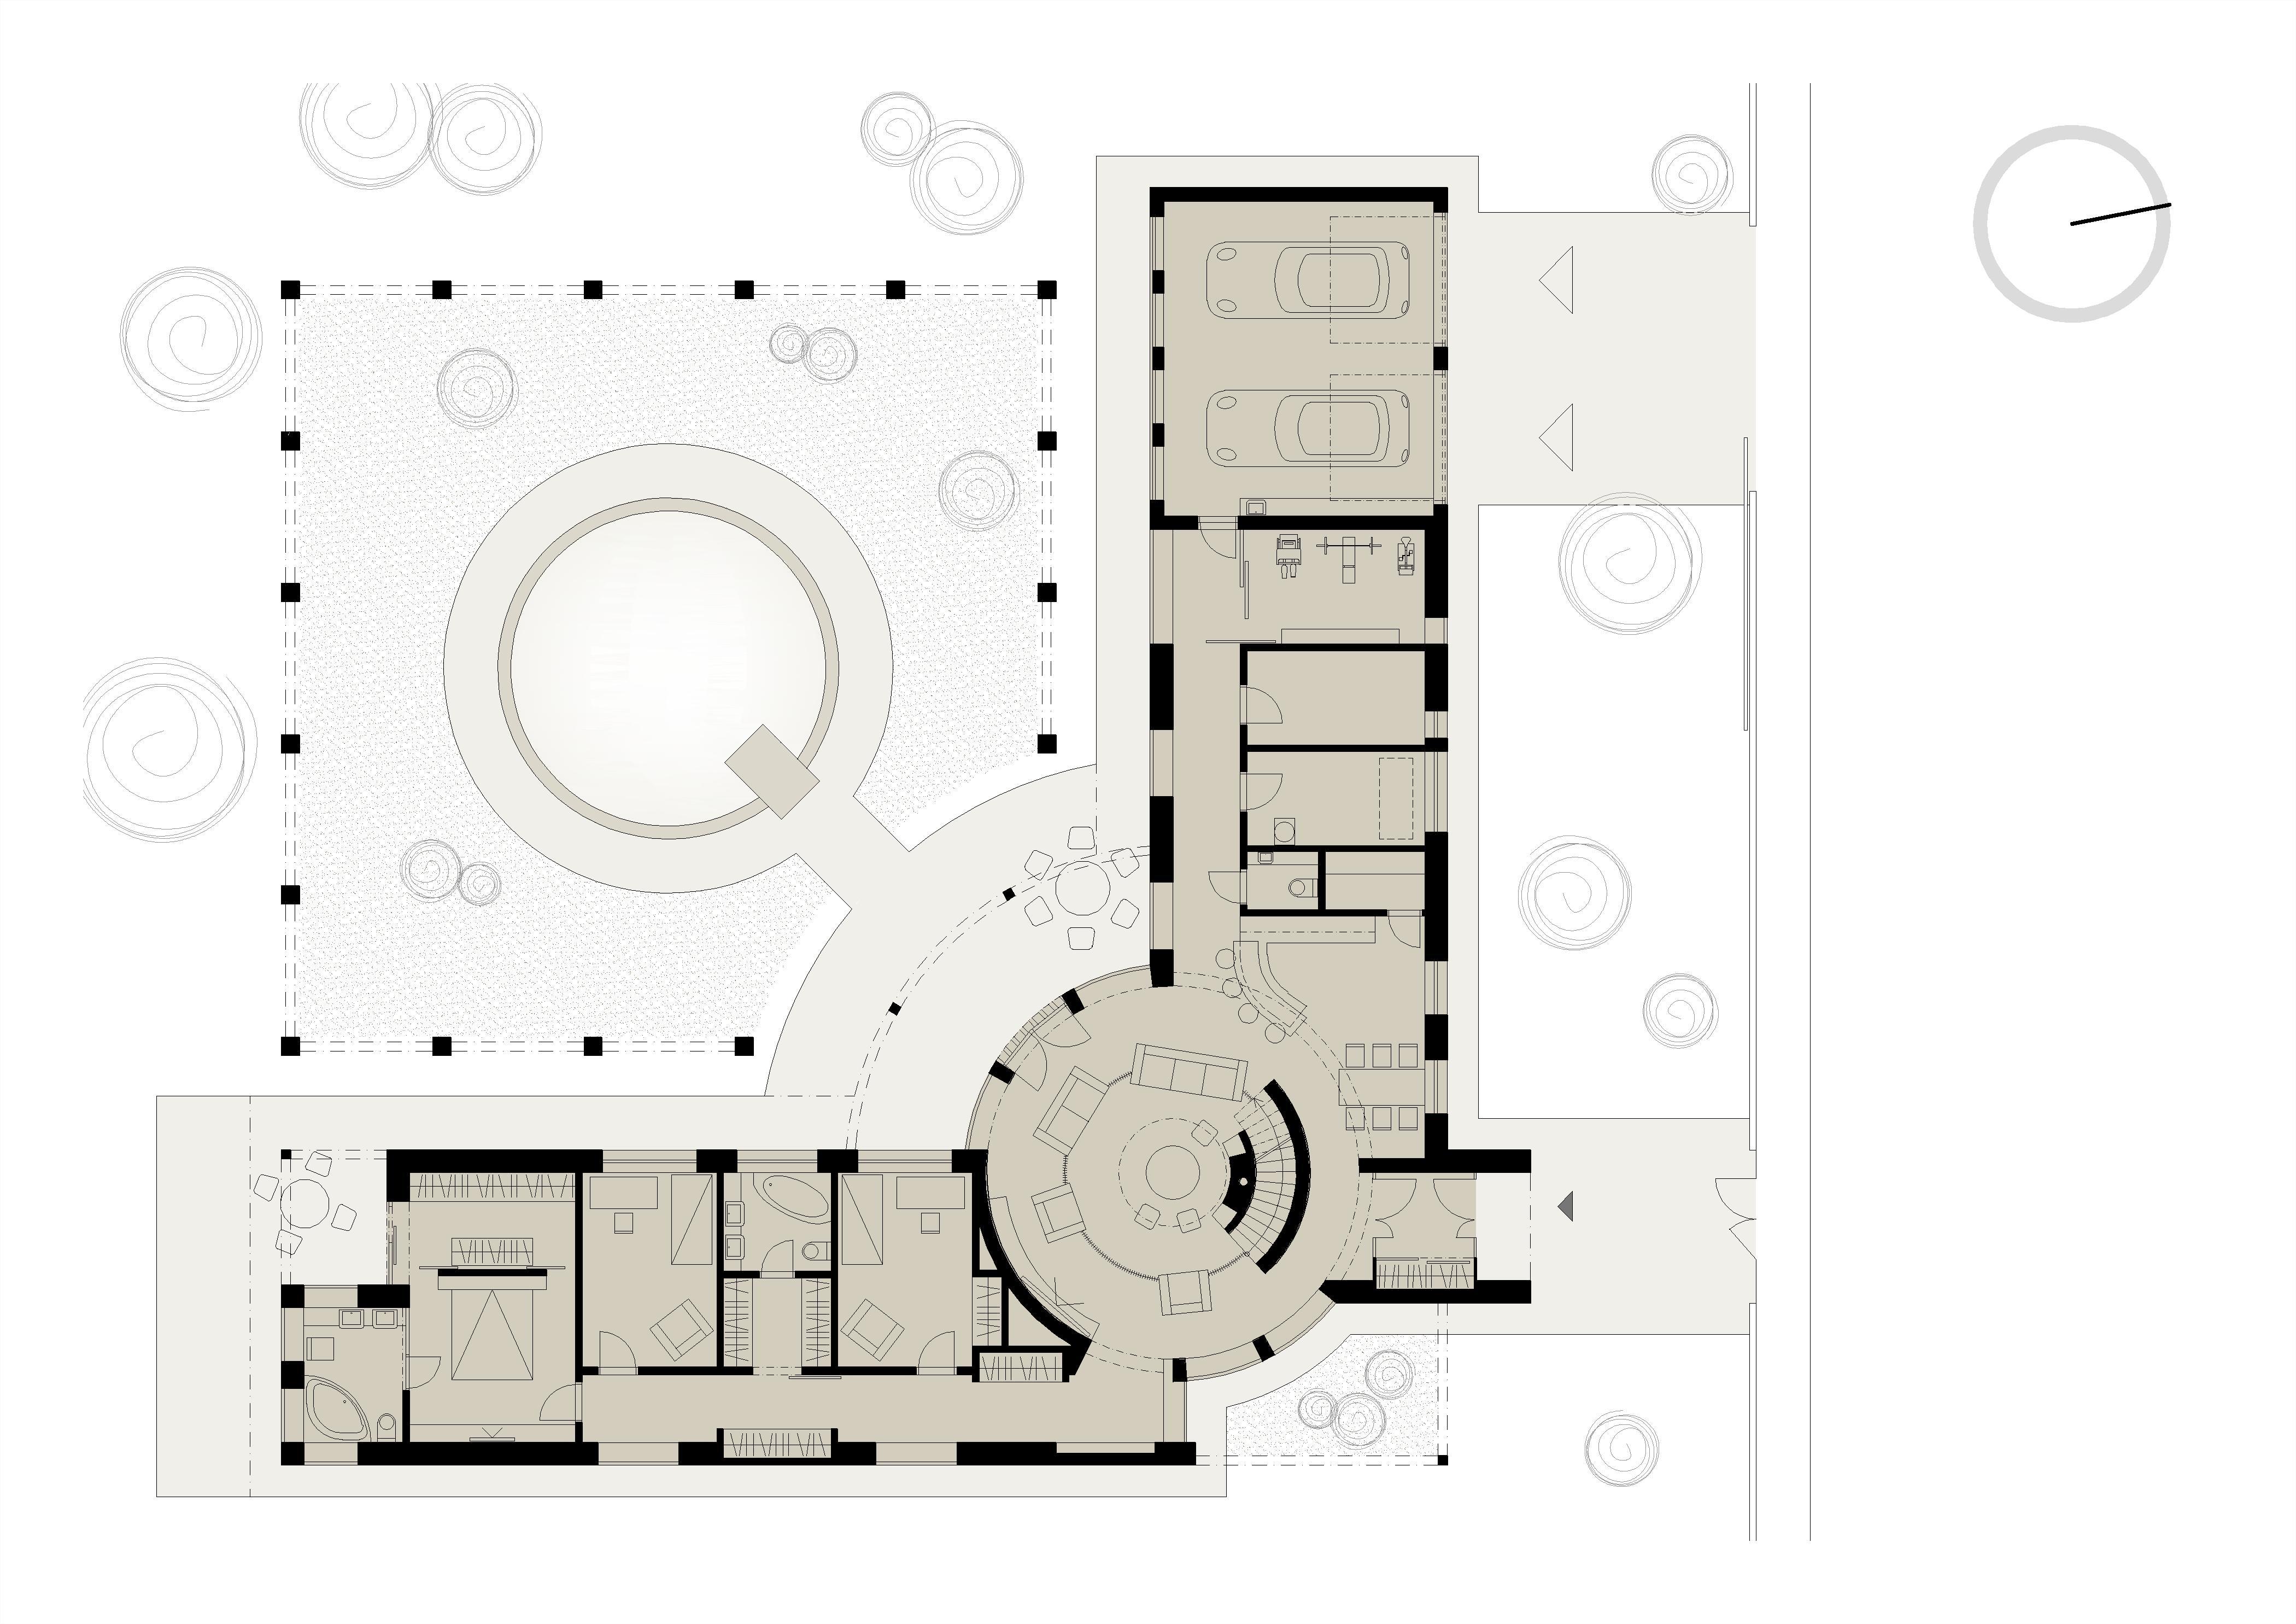 Štúdia stavby rodinného domu II 02